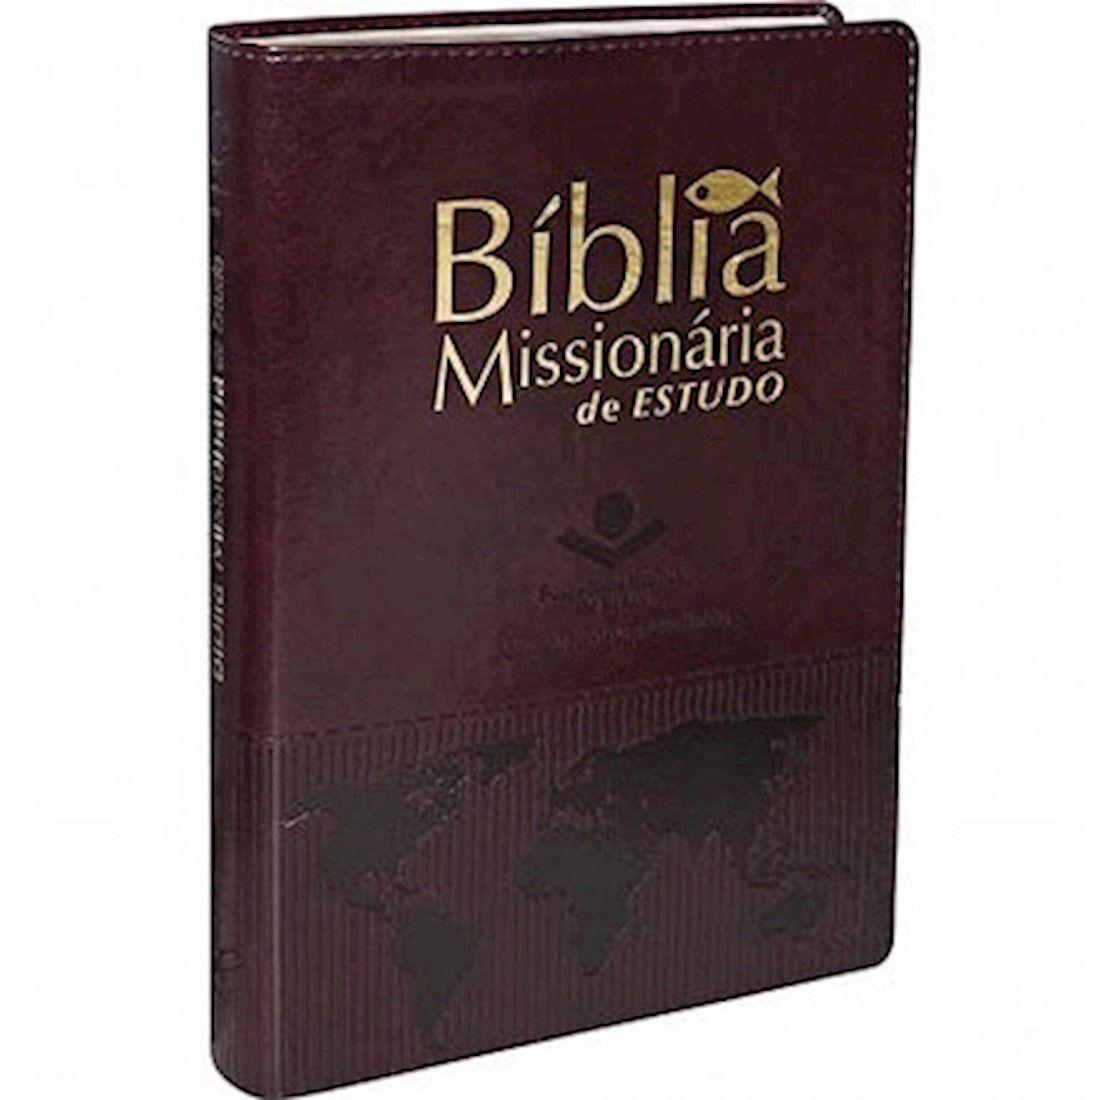 Bíblia Missionária de Estudo RA